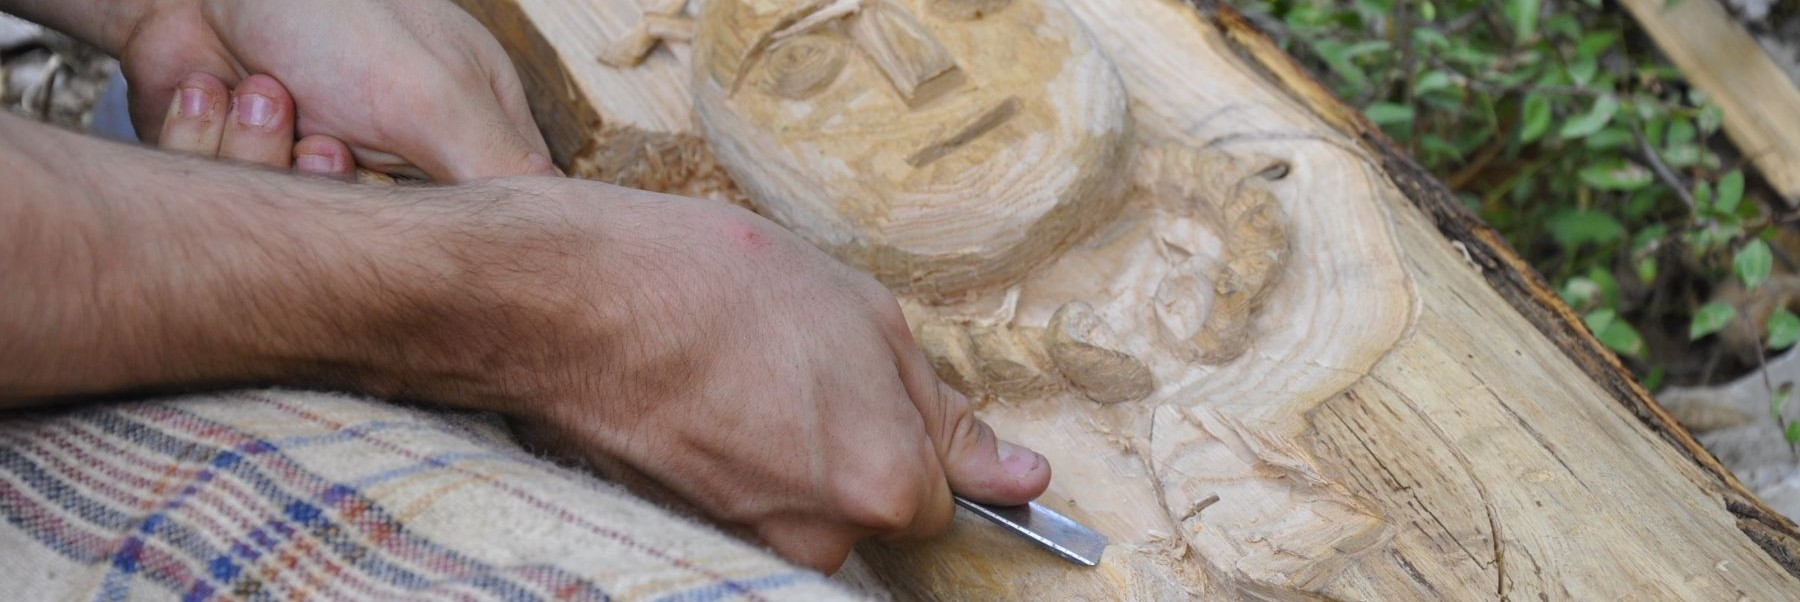 Randa Ardesca Archéosite d'Ardèche - Sculpture sur bois